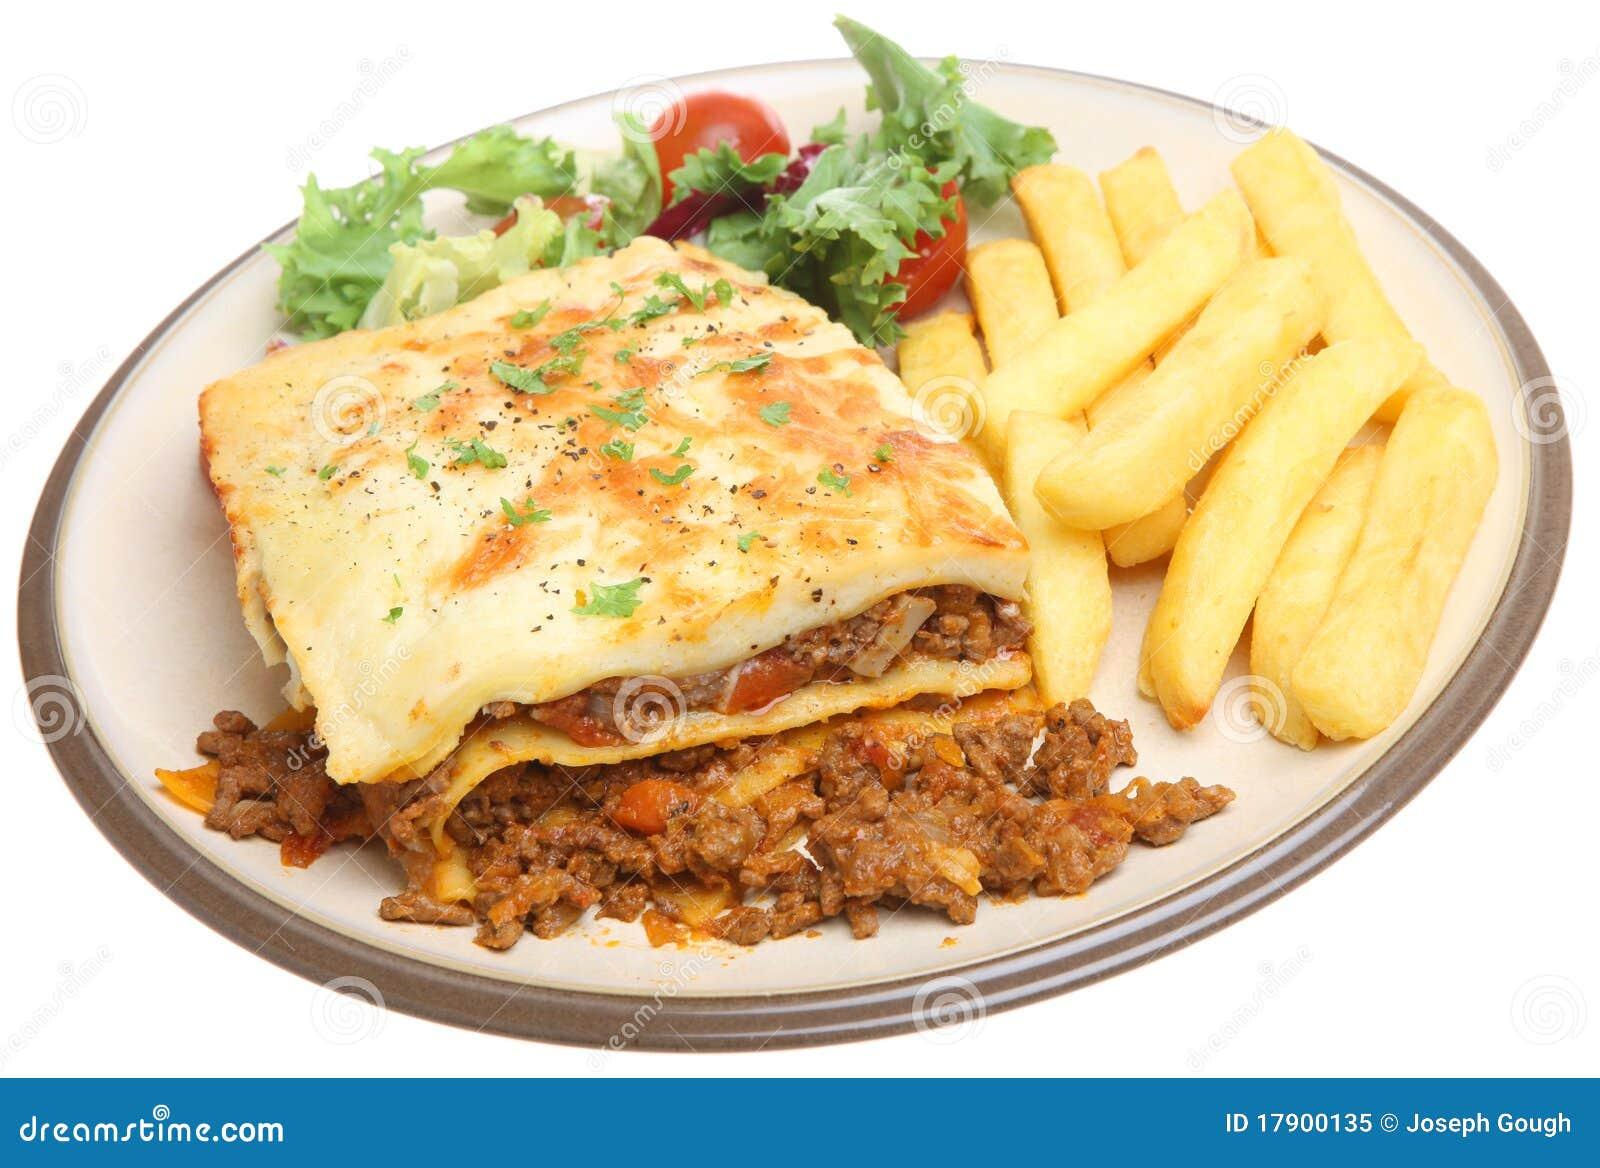 Lasagna And Chips Royalty Free Stock Photo - Image: 17900135